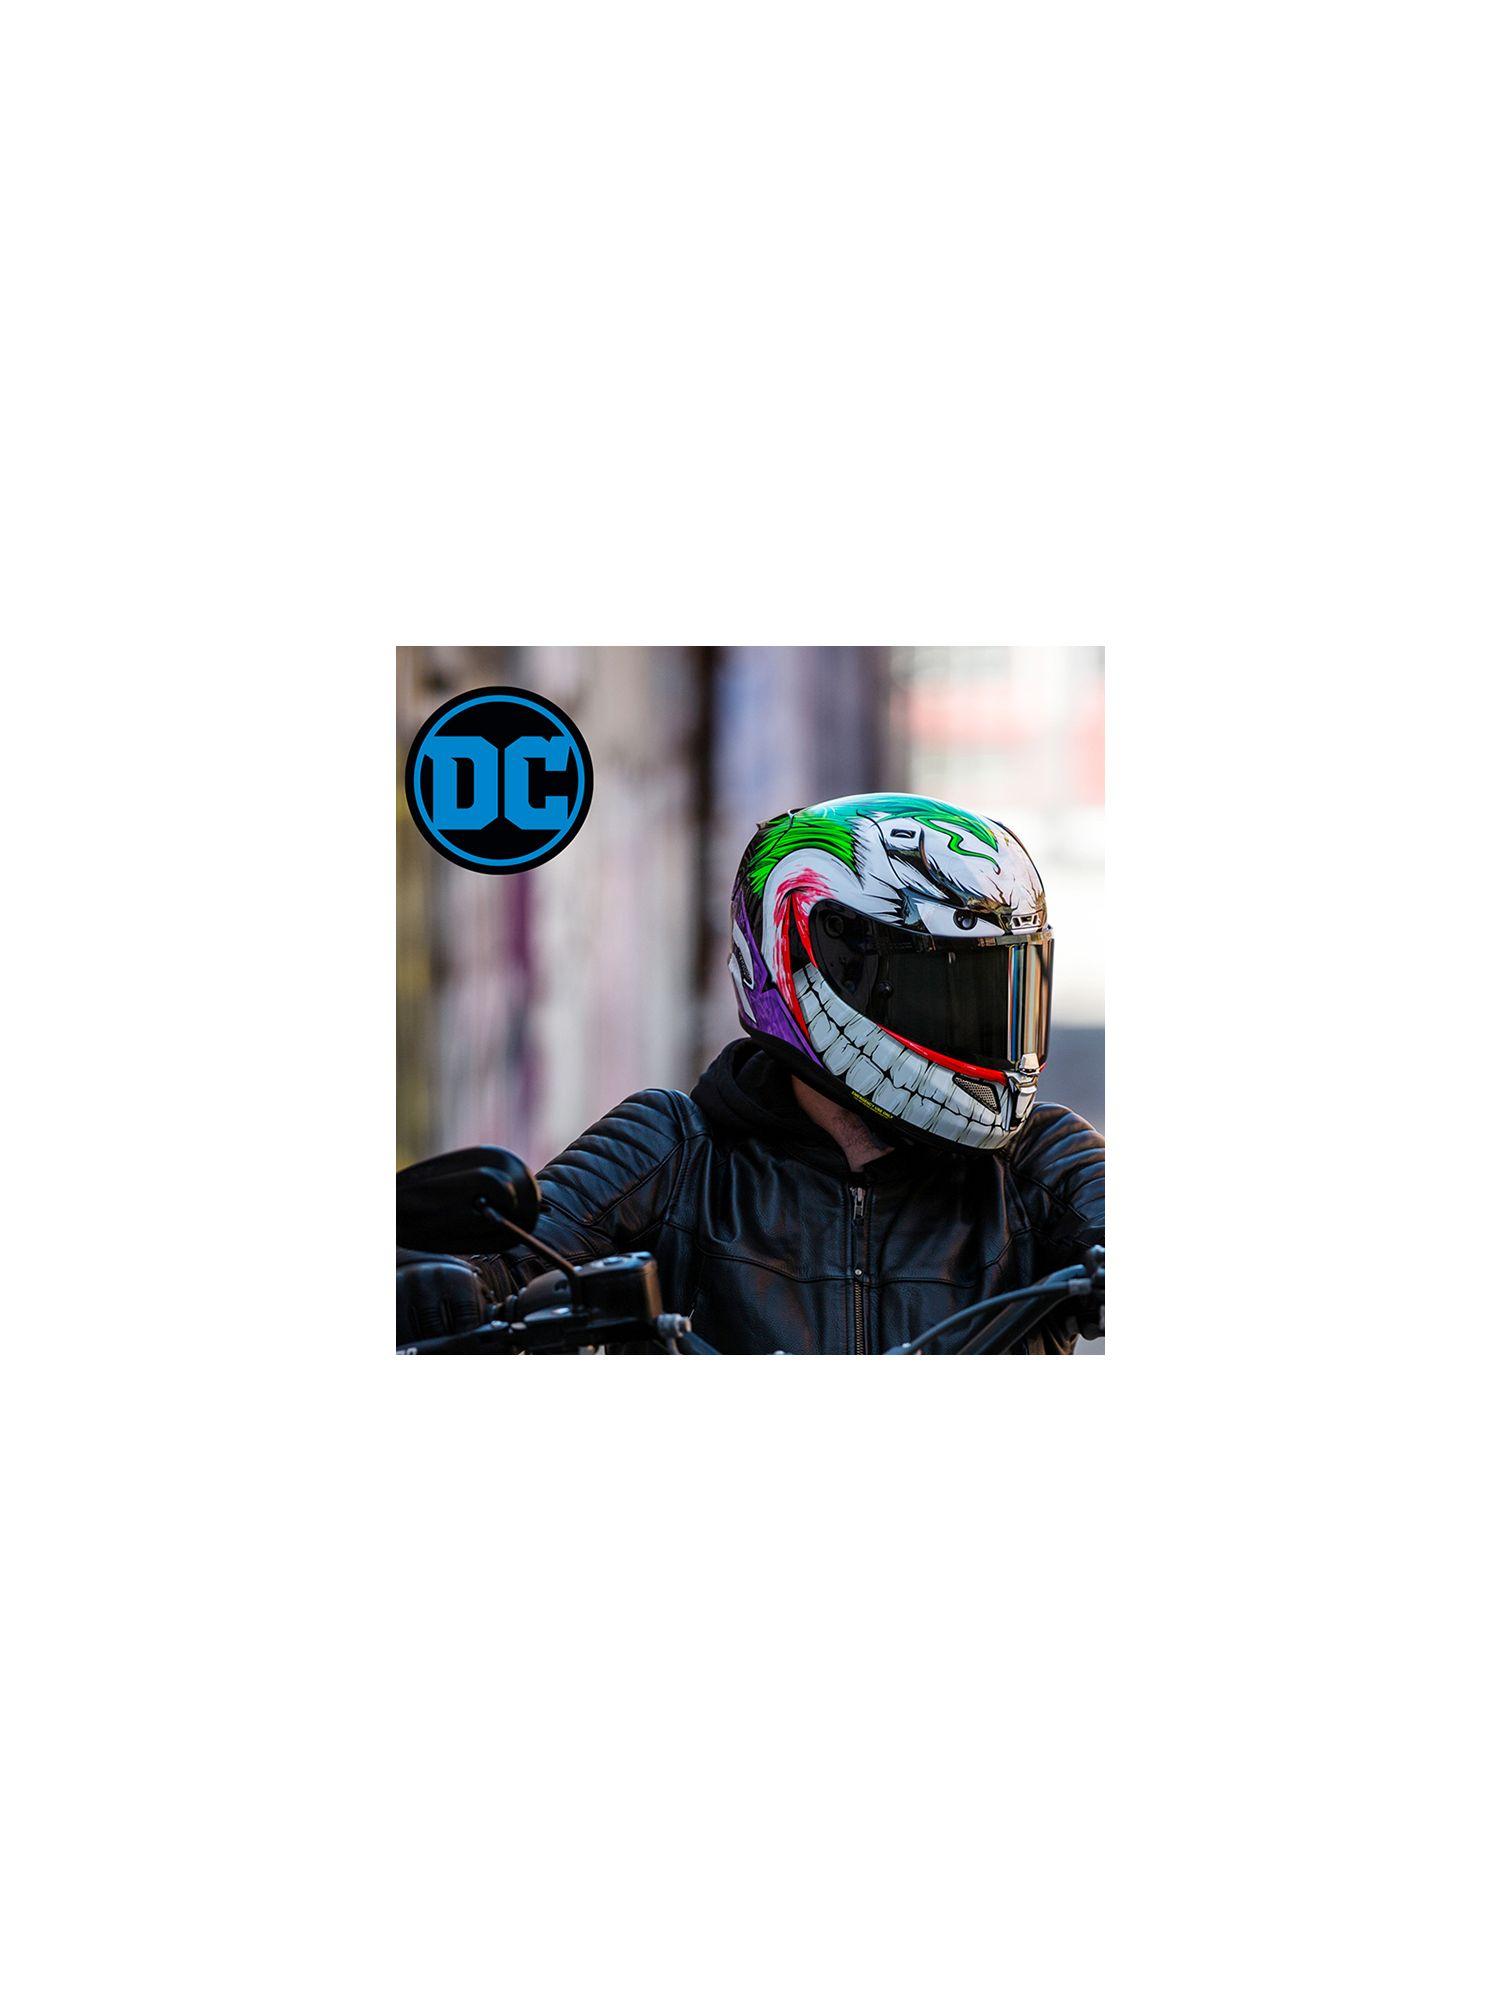 HJH207|DC COMICS RPHA11 ジョーカー